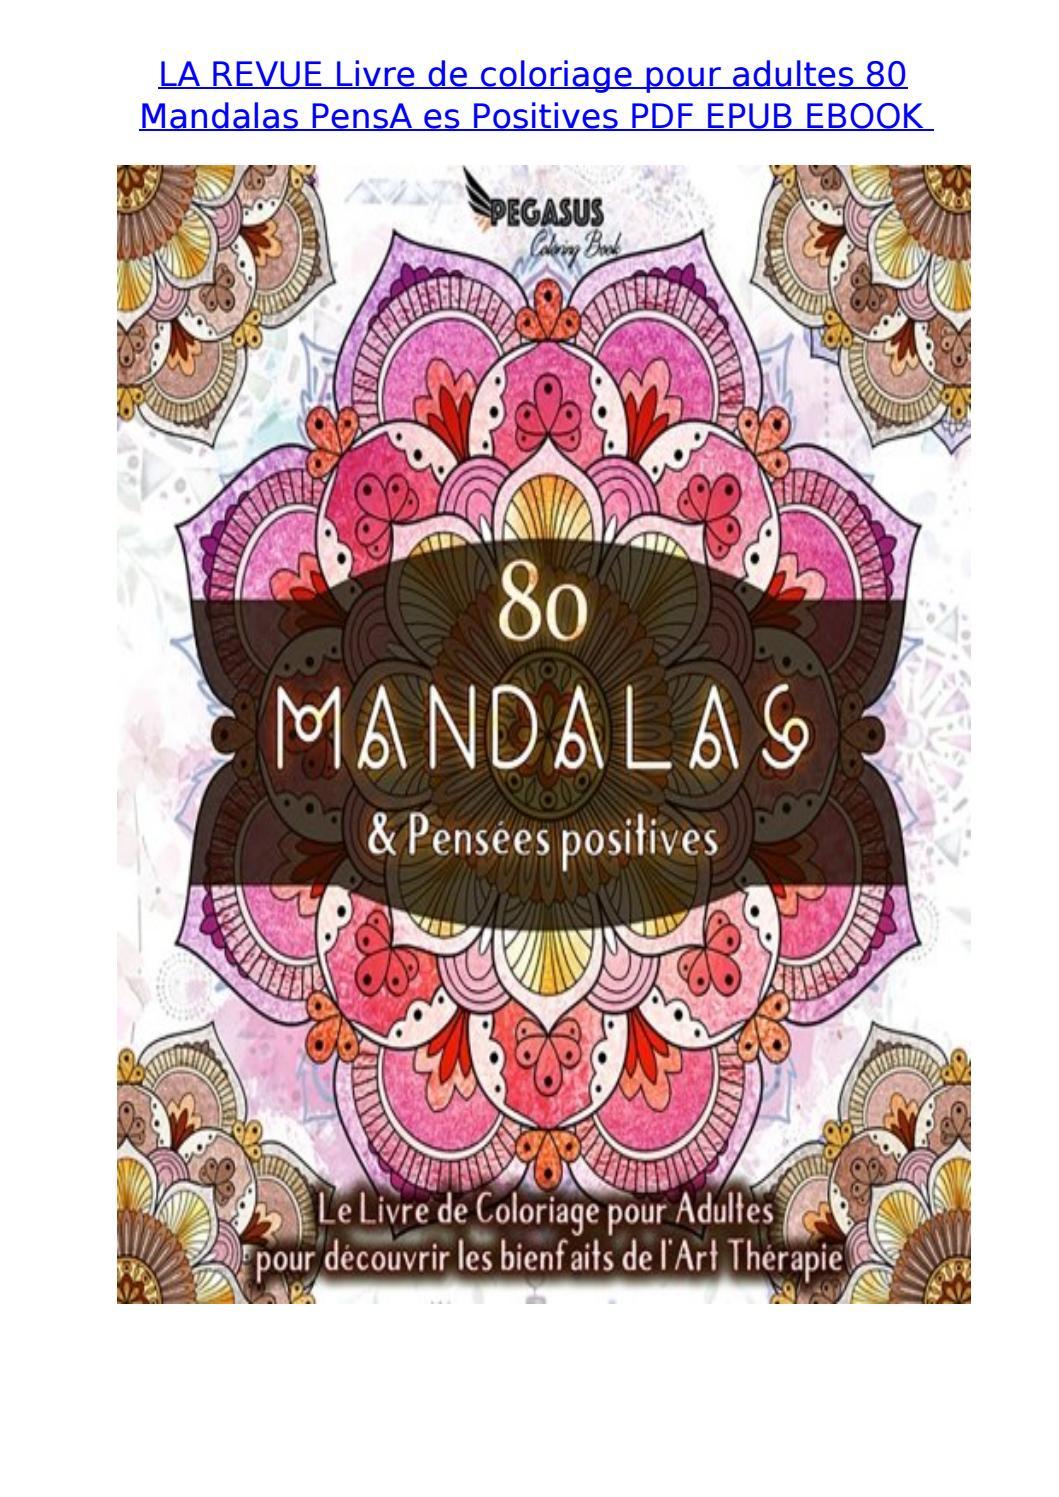 Revue Coloriage Adulte.La Revue Livre De Coloriage Pour Adultes 80 Mandalas Pensa